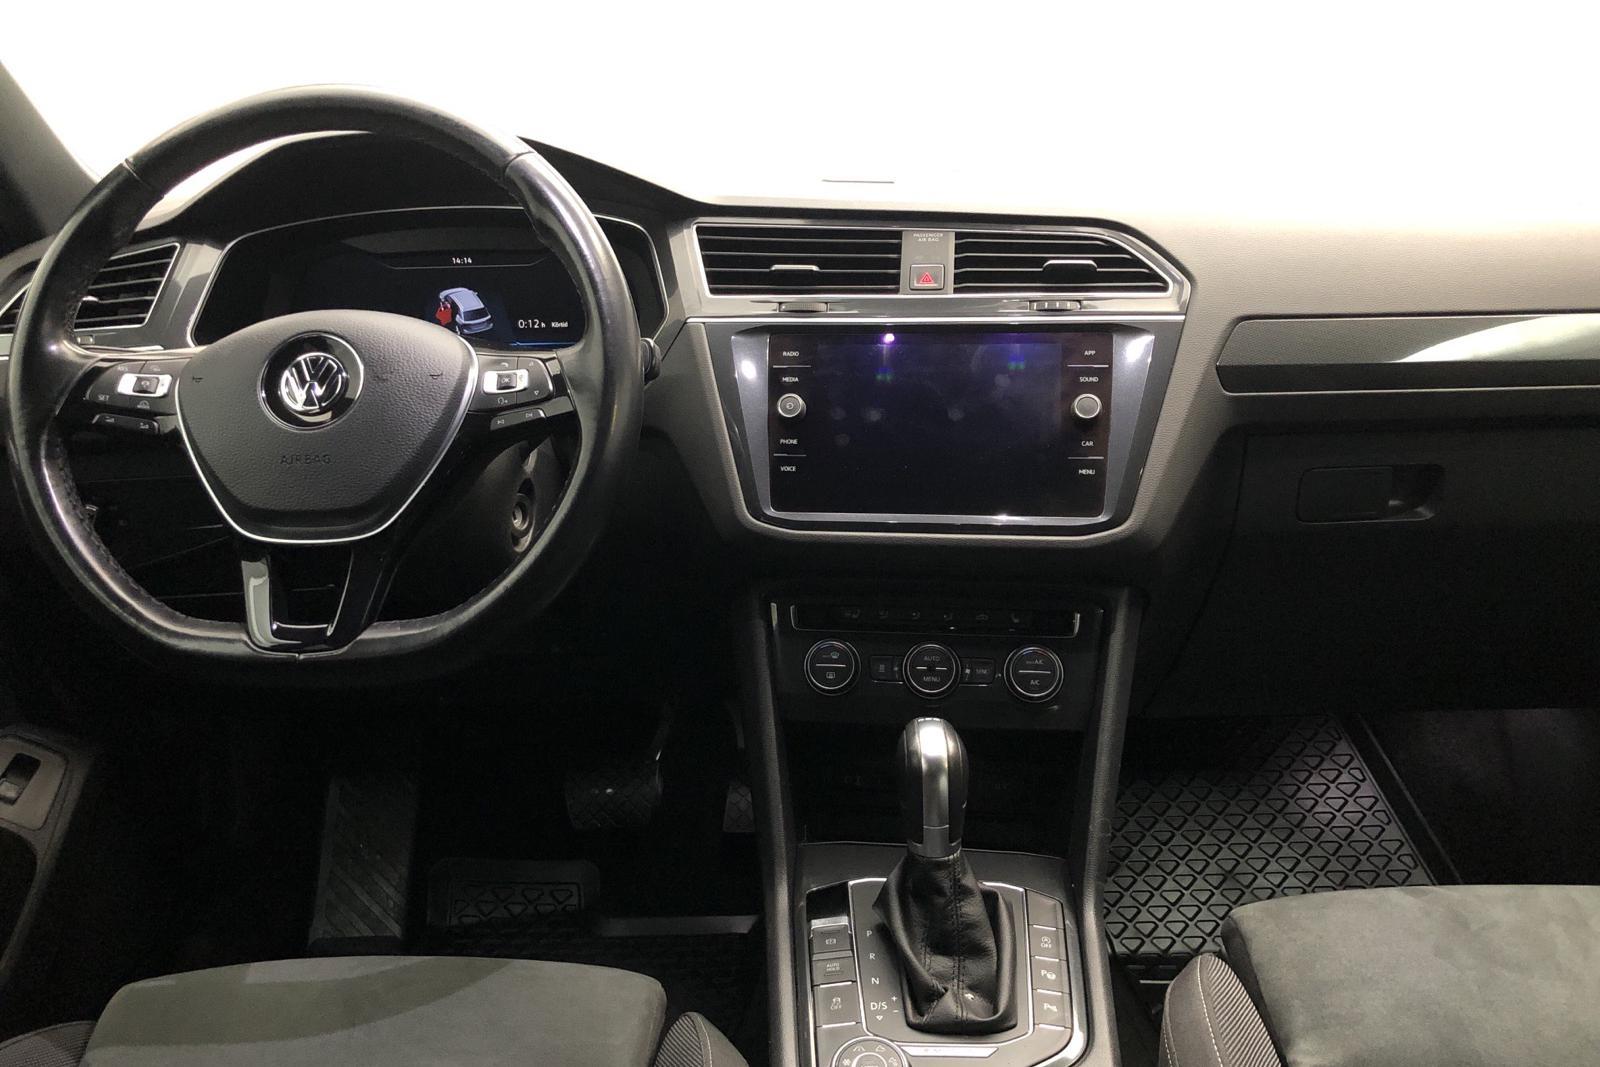 VW Tiguan 2.0 TDI 4MOTION (190hk) - 111 270 km - Automatic - black - 2018